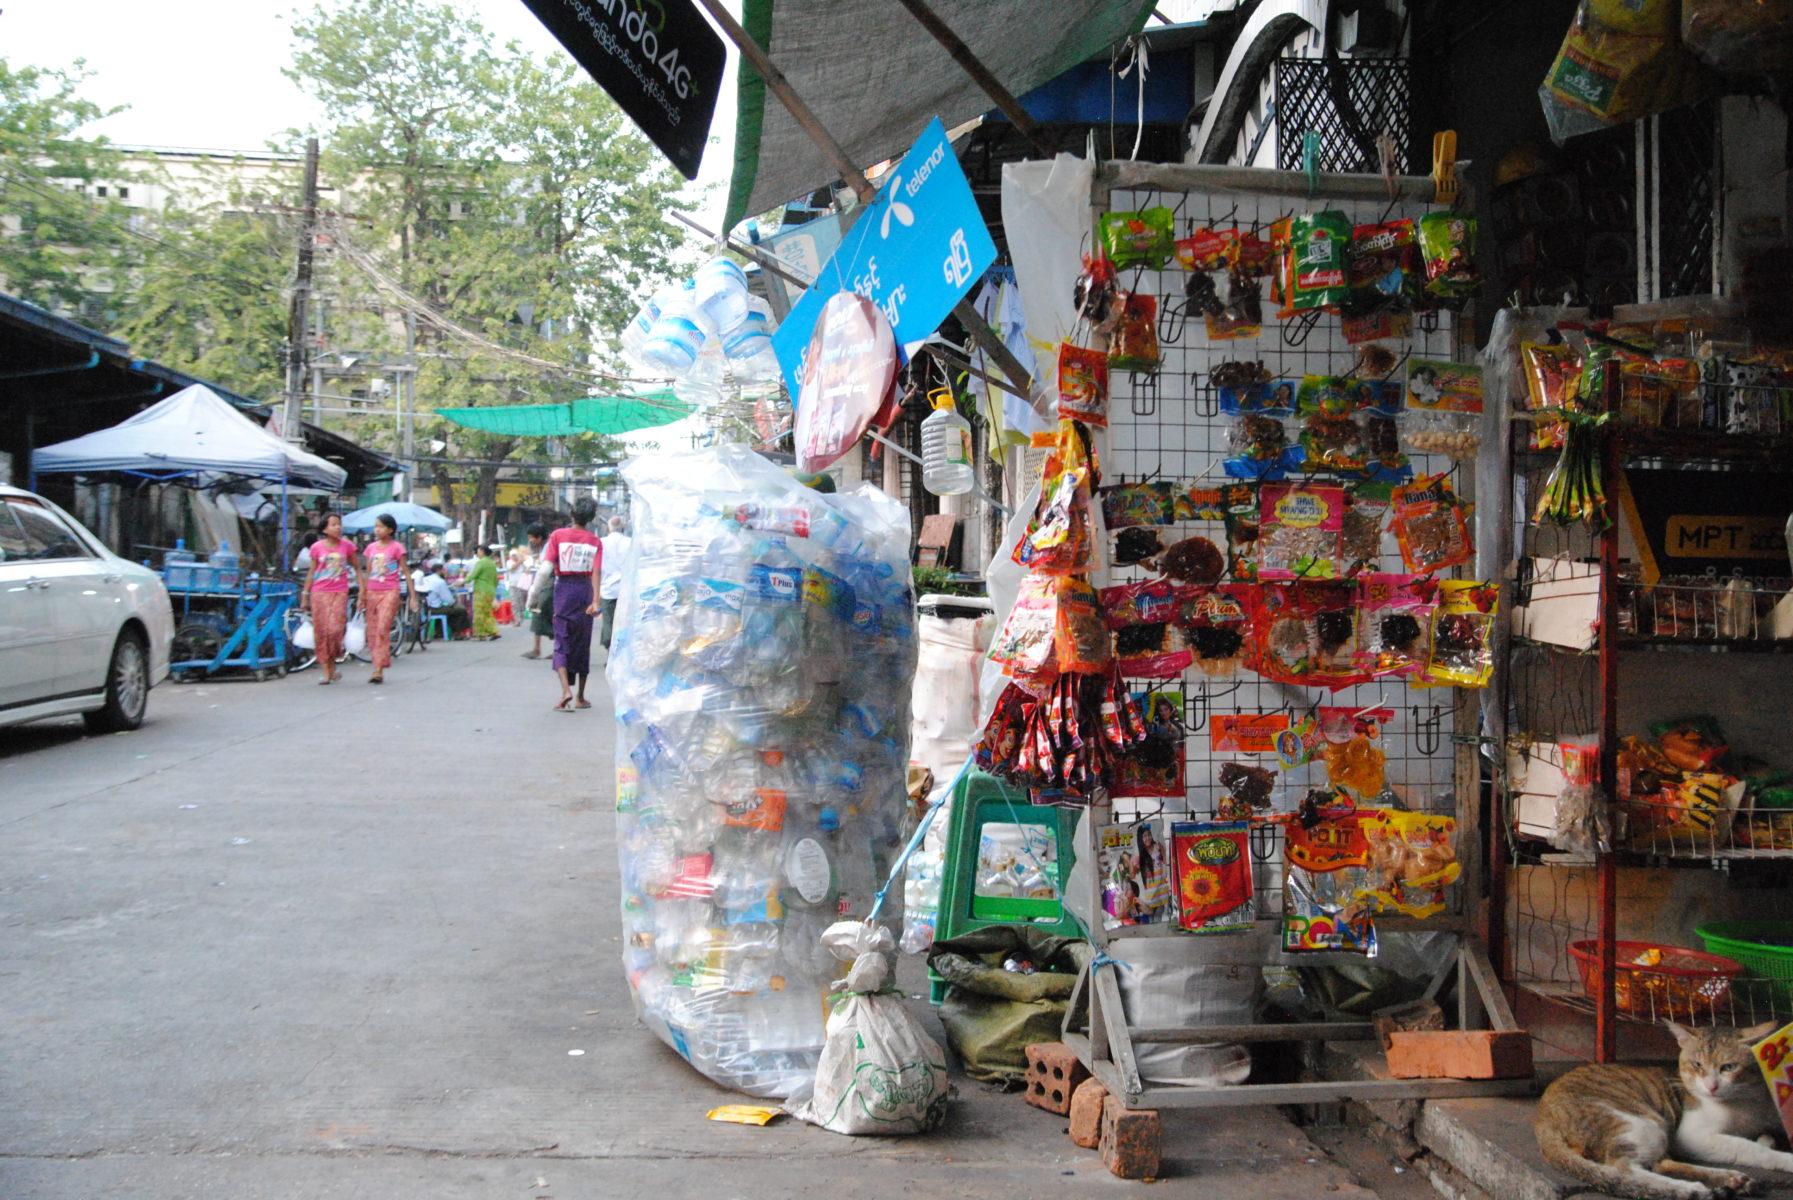 Plastik verkaufen und sammeln in Yangon © Marlene Weck